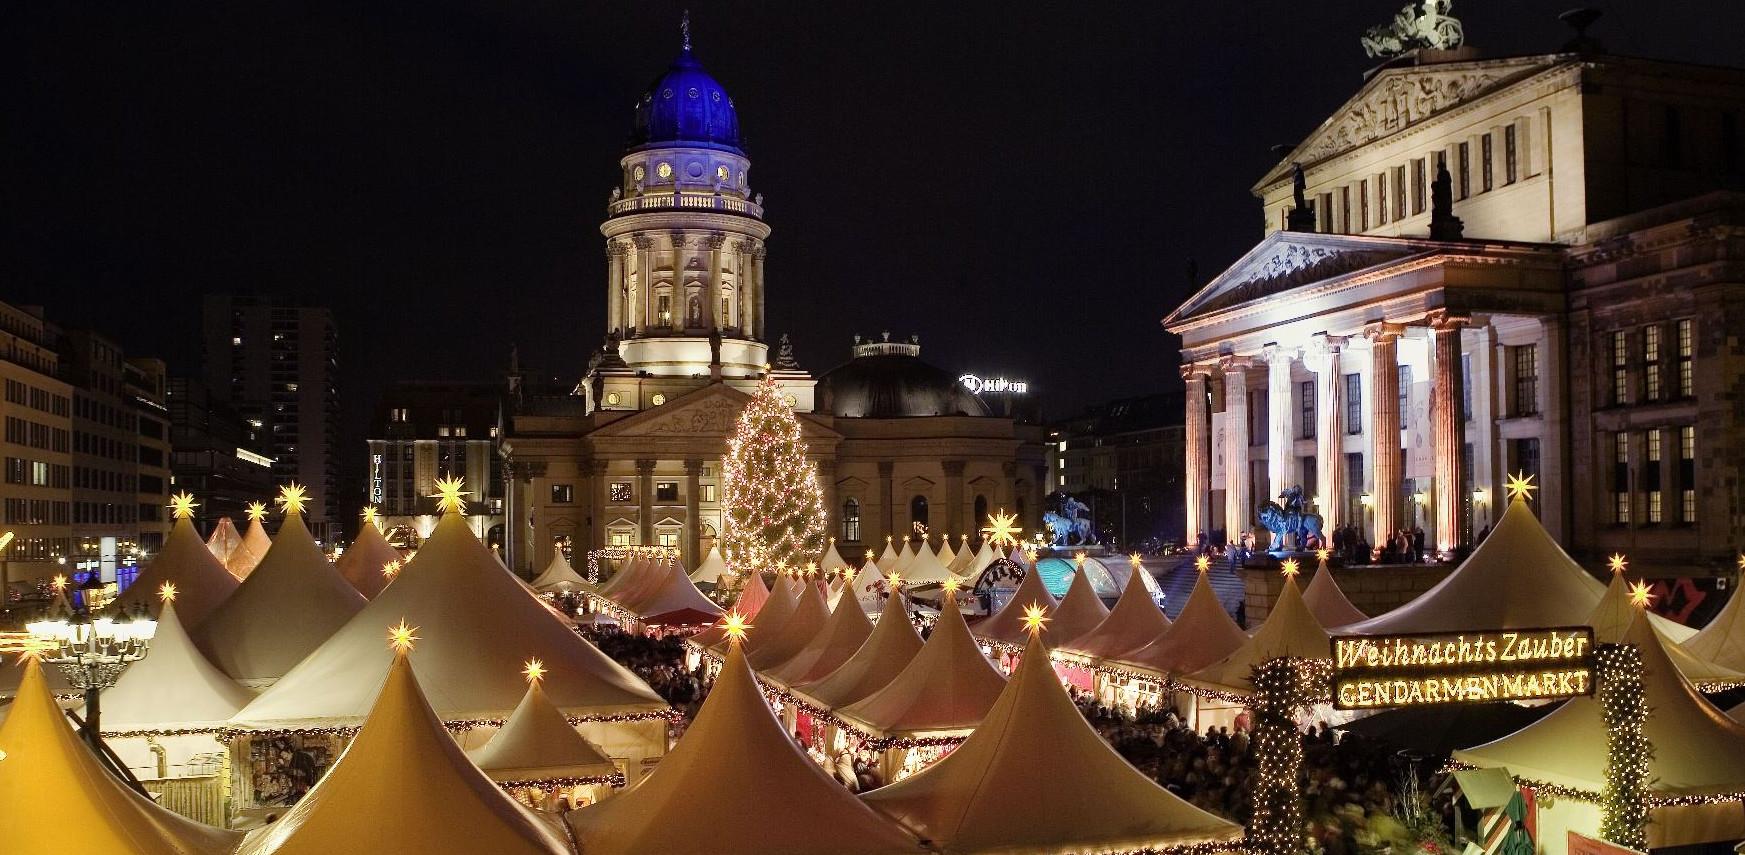 Marché de Noël Berlin